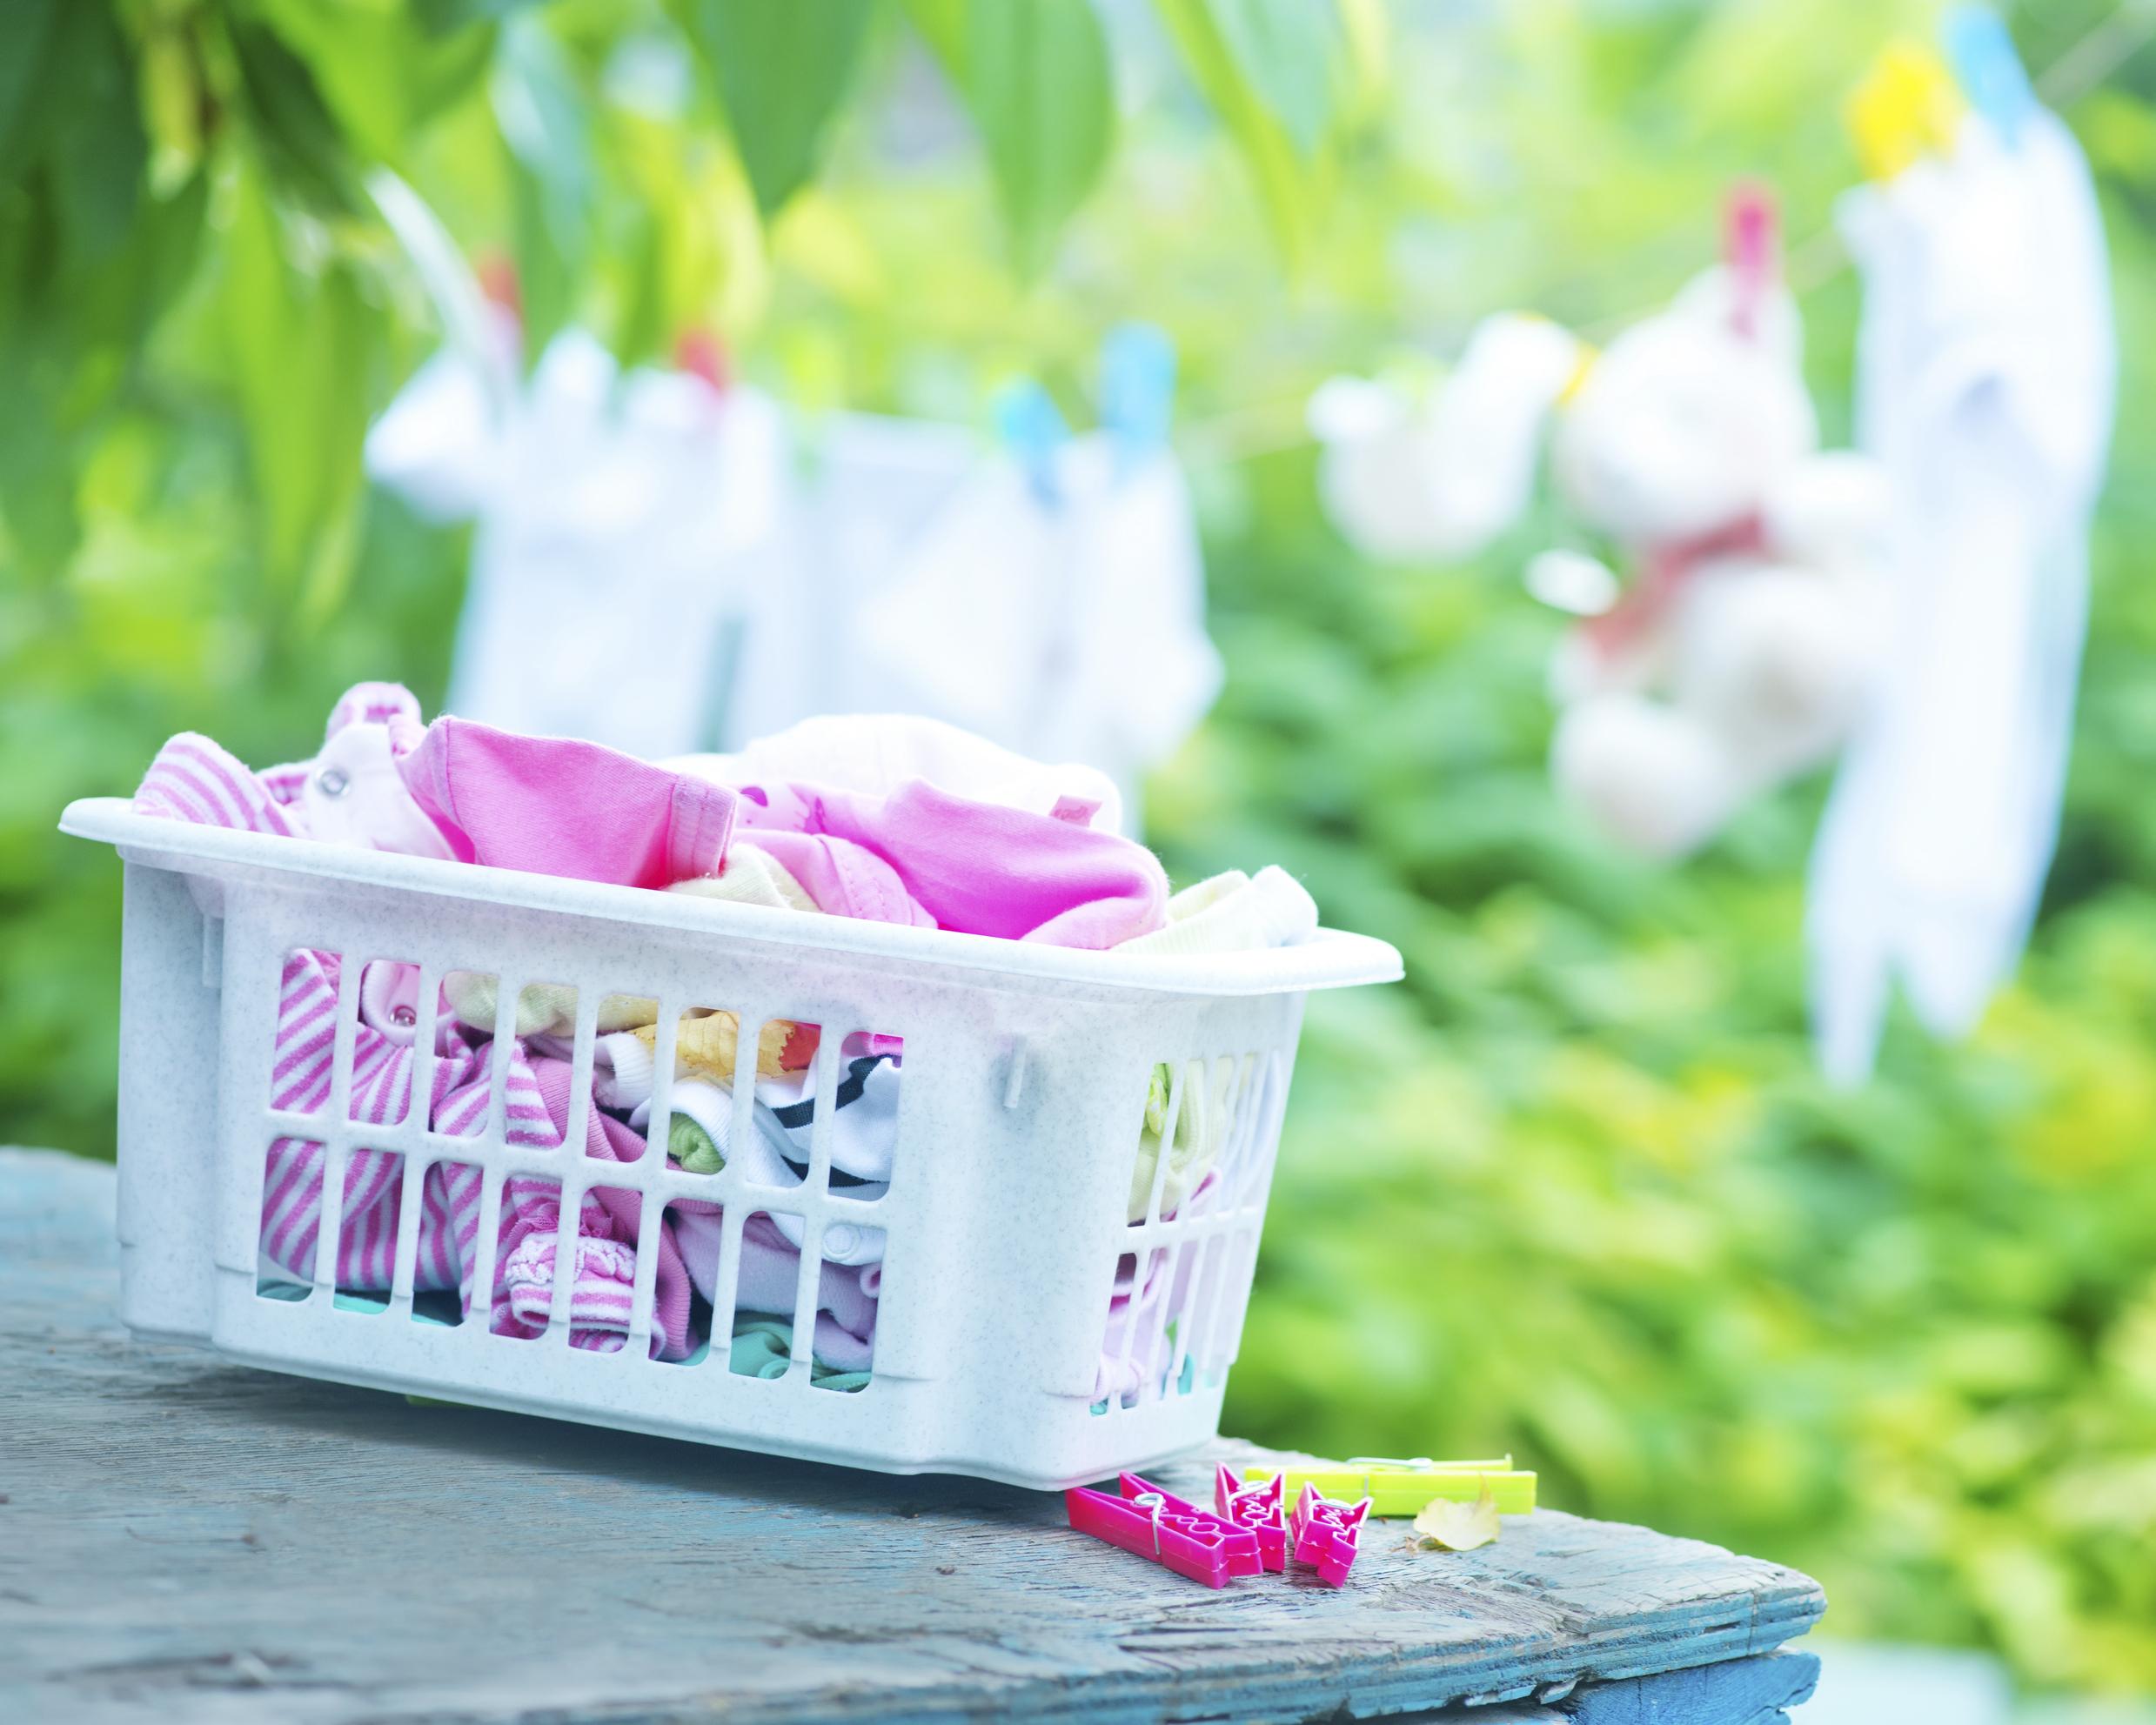 Zapatillas, ropa deportiva, jersey...guía útil para lavar la ropa